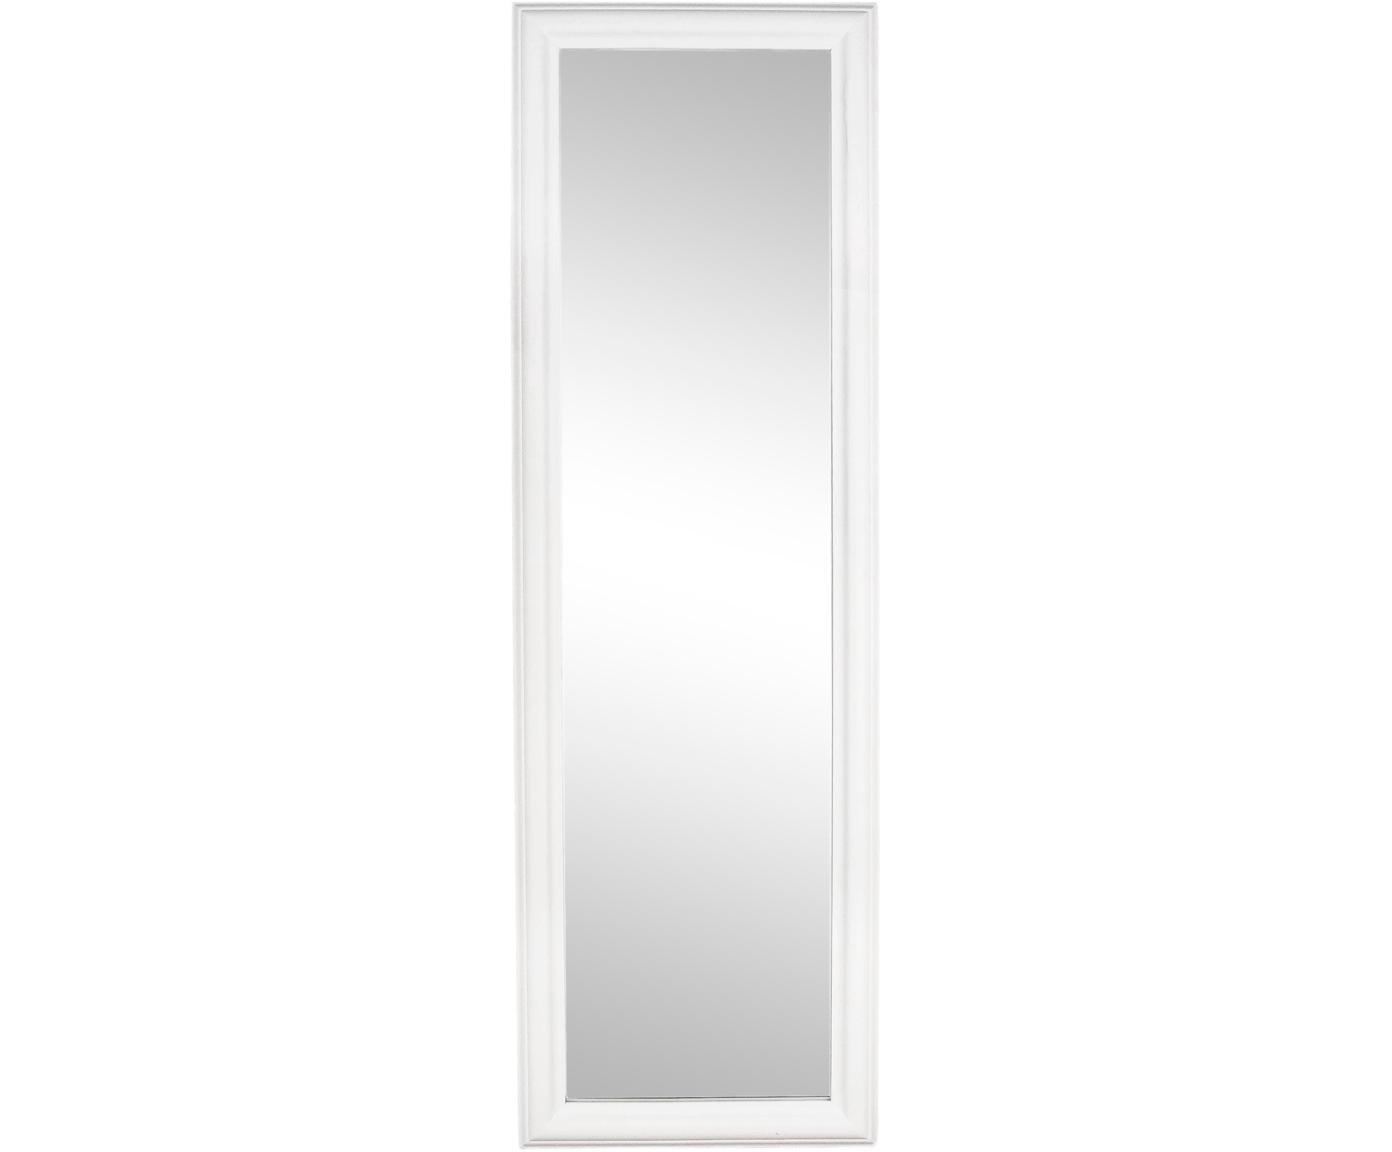 Espejo de pared Sanzio, con marco de madera, Espejo: cristal, Blanco, An 42 x Al 132 cm